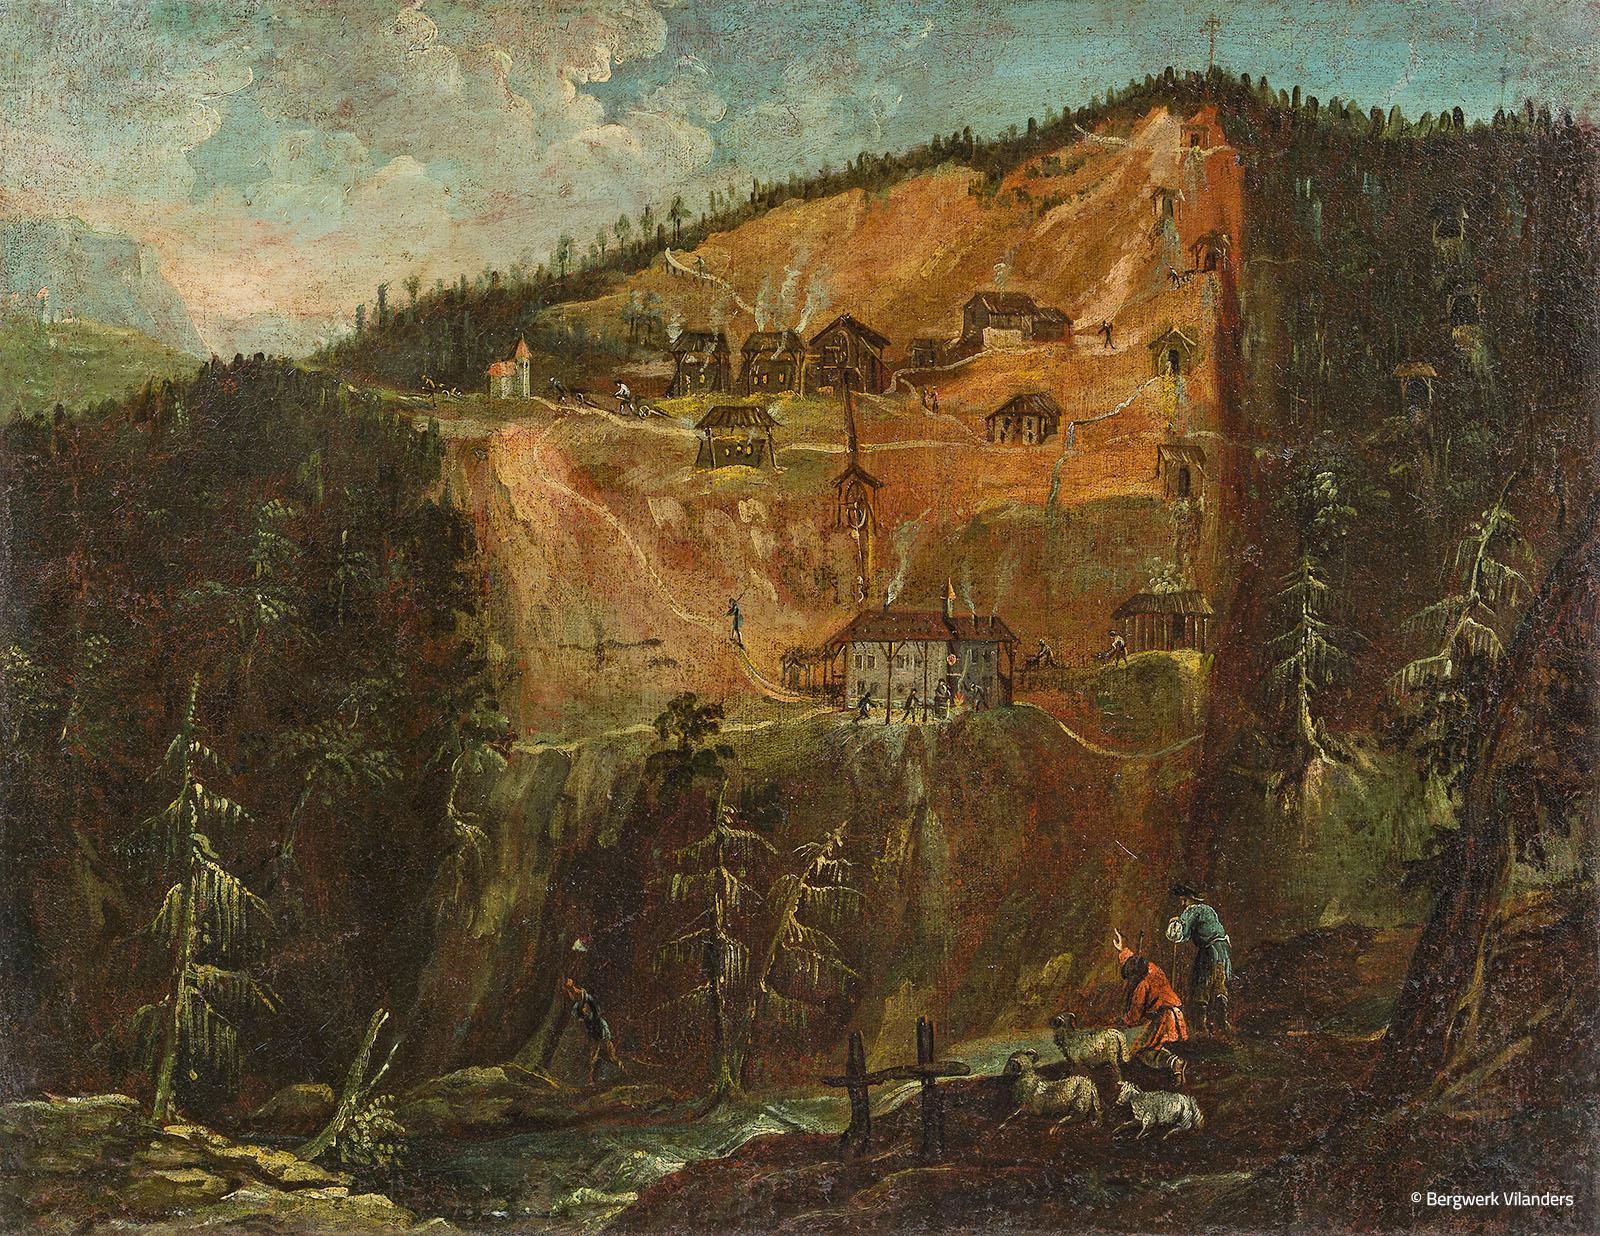 Gemälde Rotlahn Bergwerk Villanders